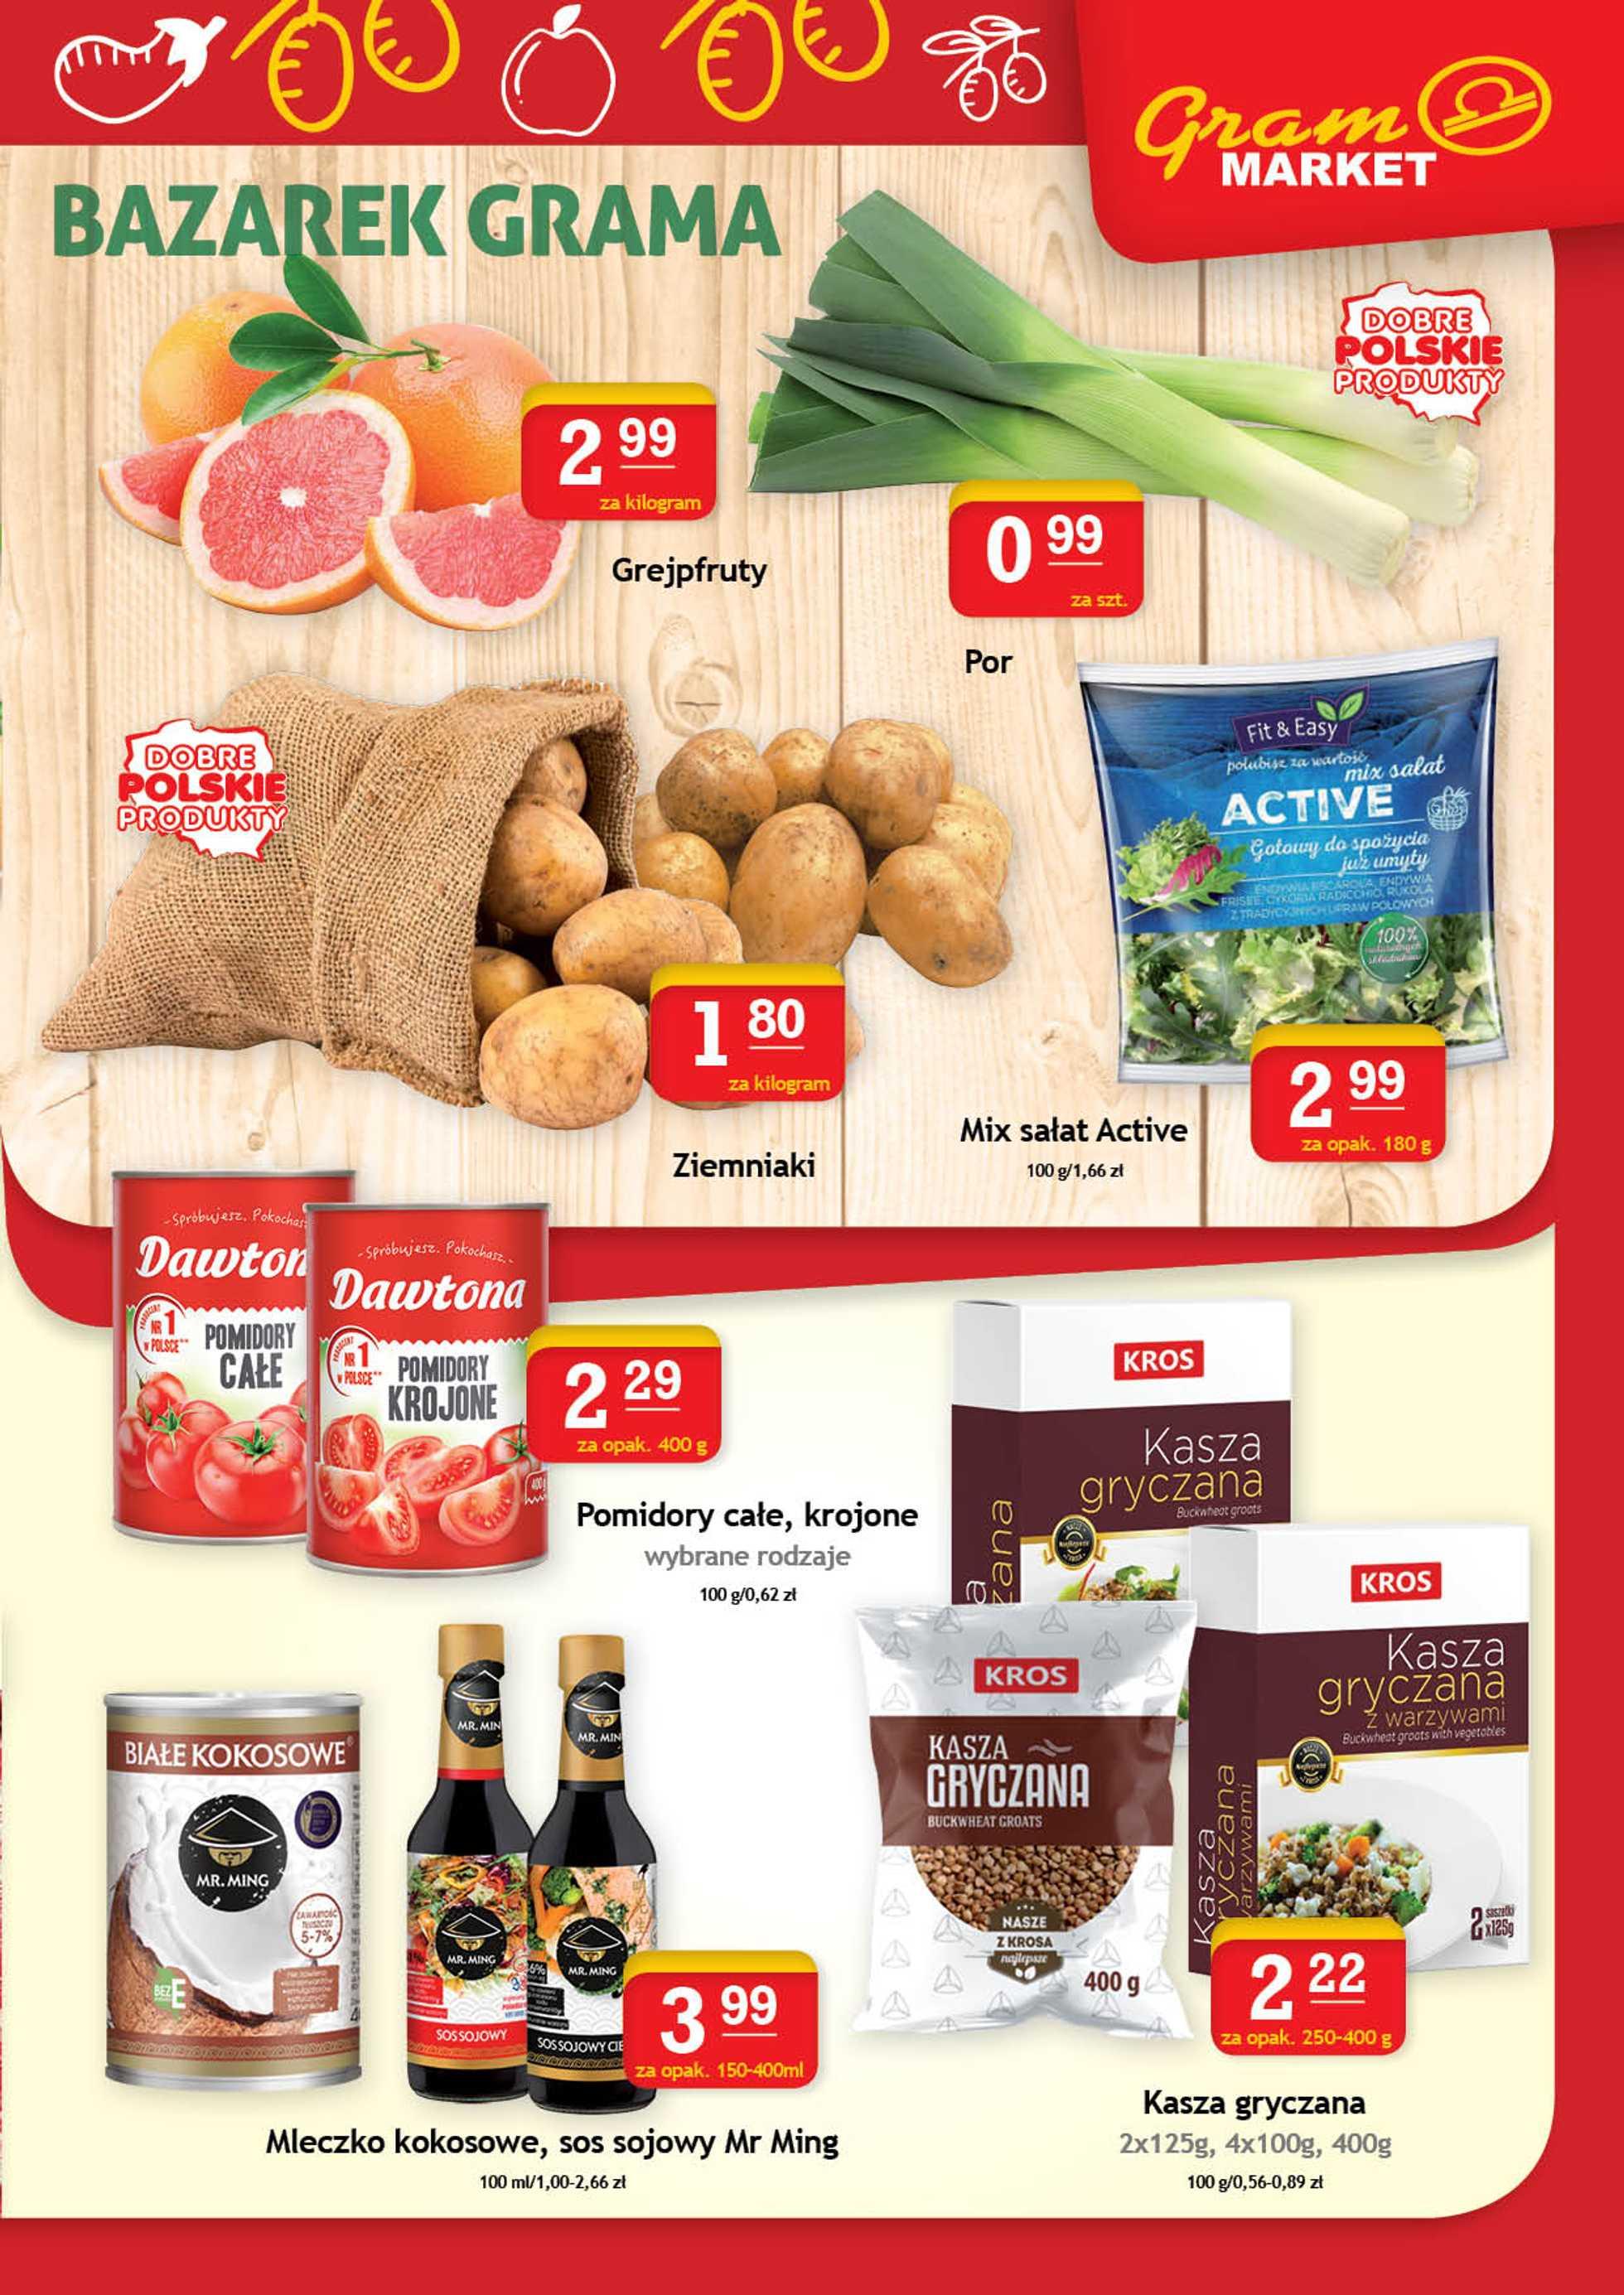 Gram Market - gazetka promocyjna ważna od 22.01.2020 do 28.01.2020 - strona 3.